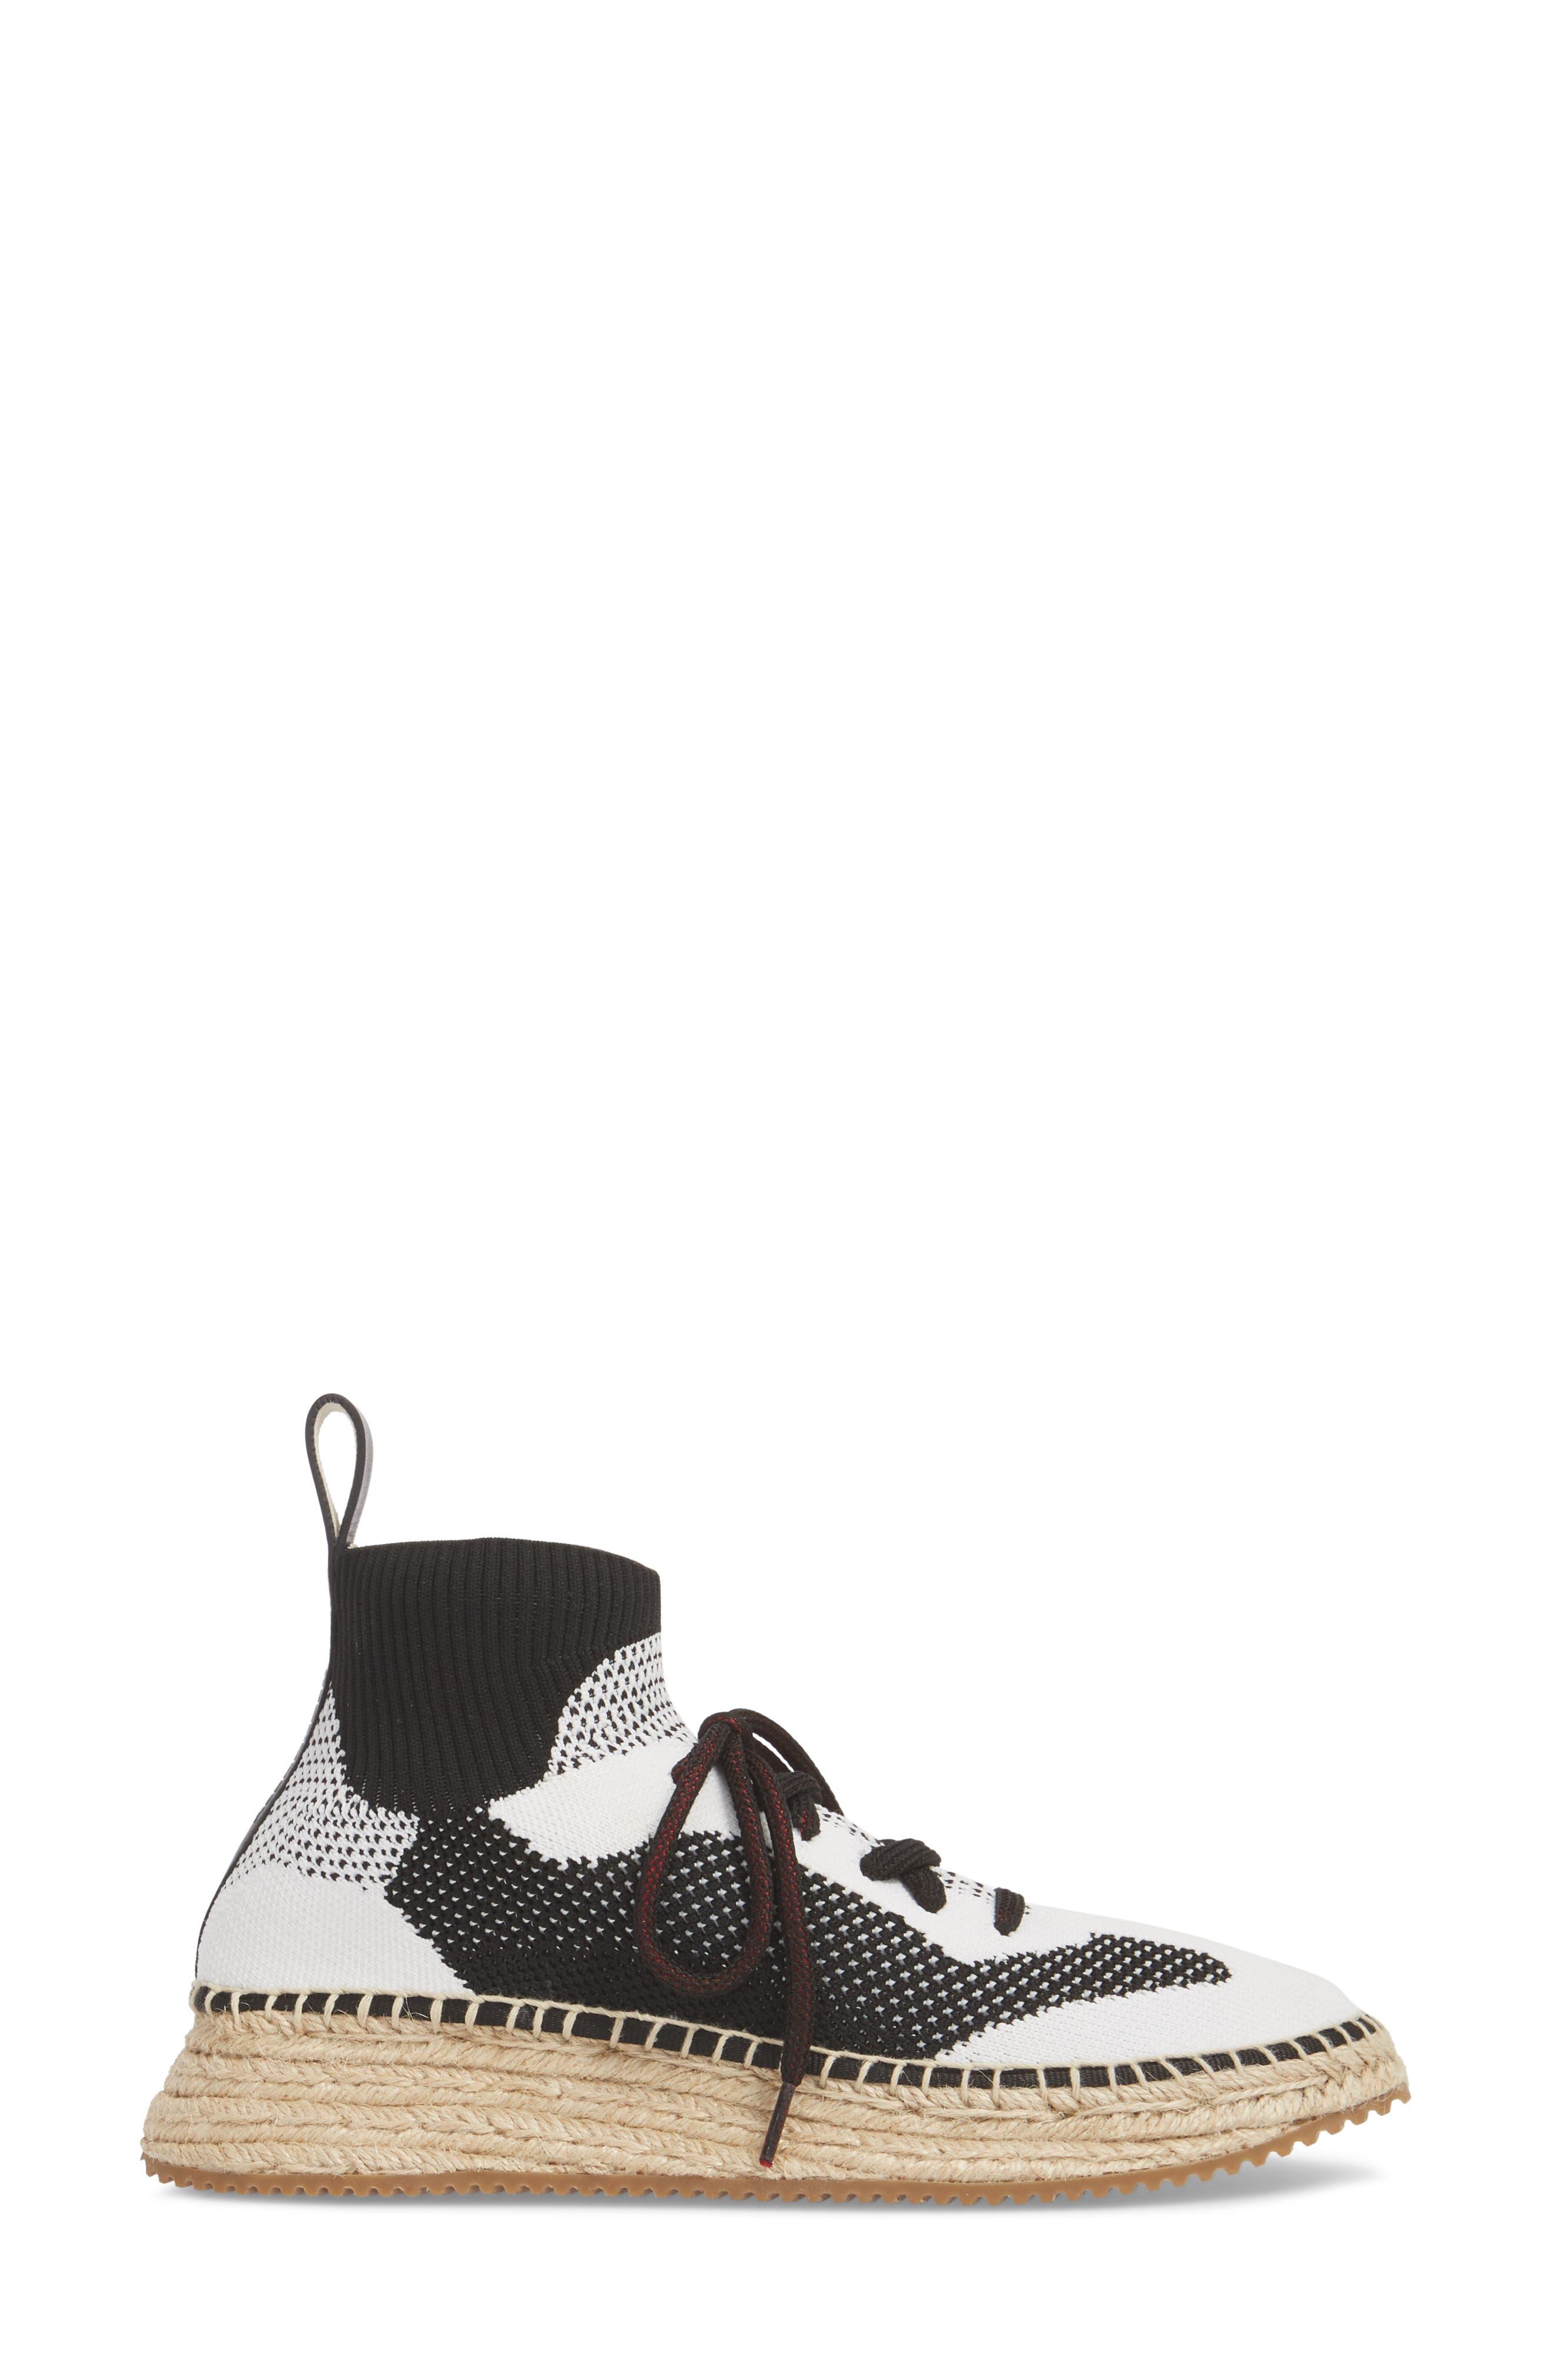 Dakota Espadrille Sock Sneaker,                             Alternate thumbnail 3, color,                             Black/ White/ Grey